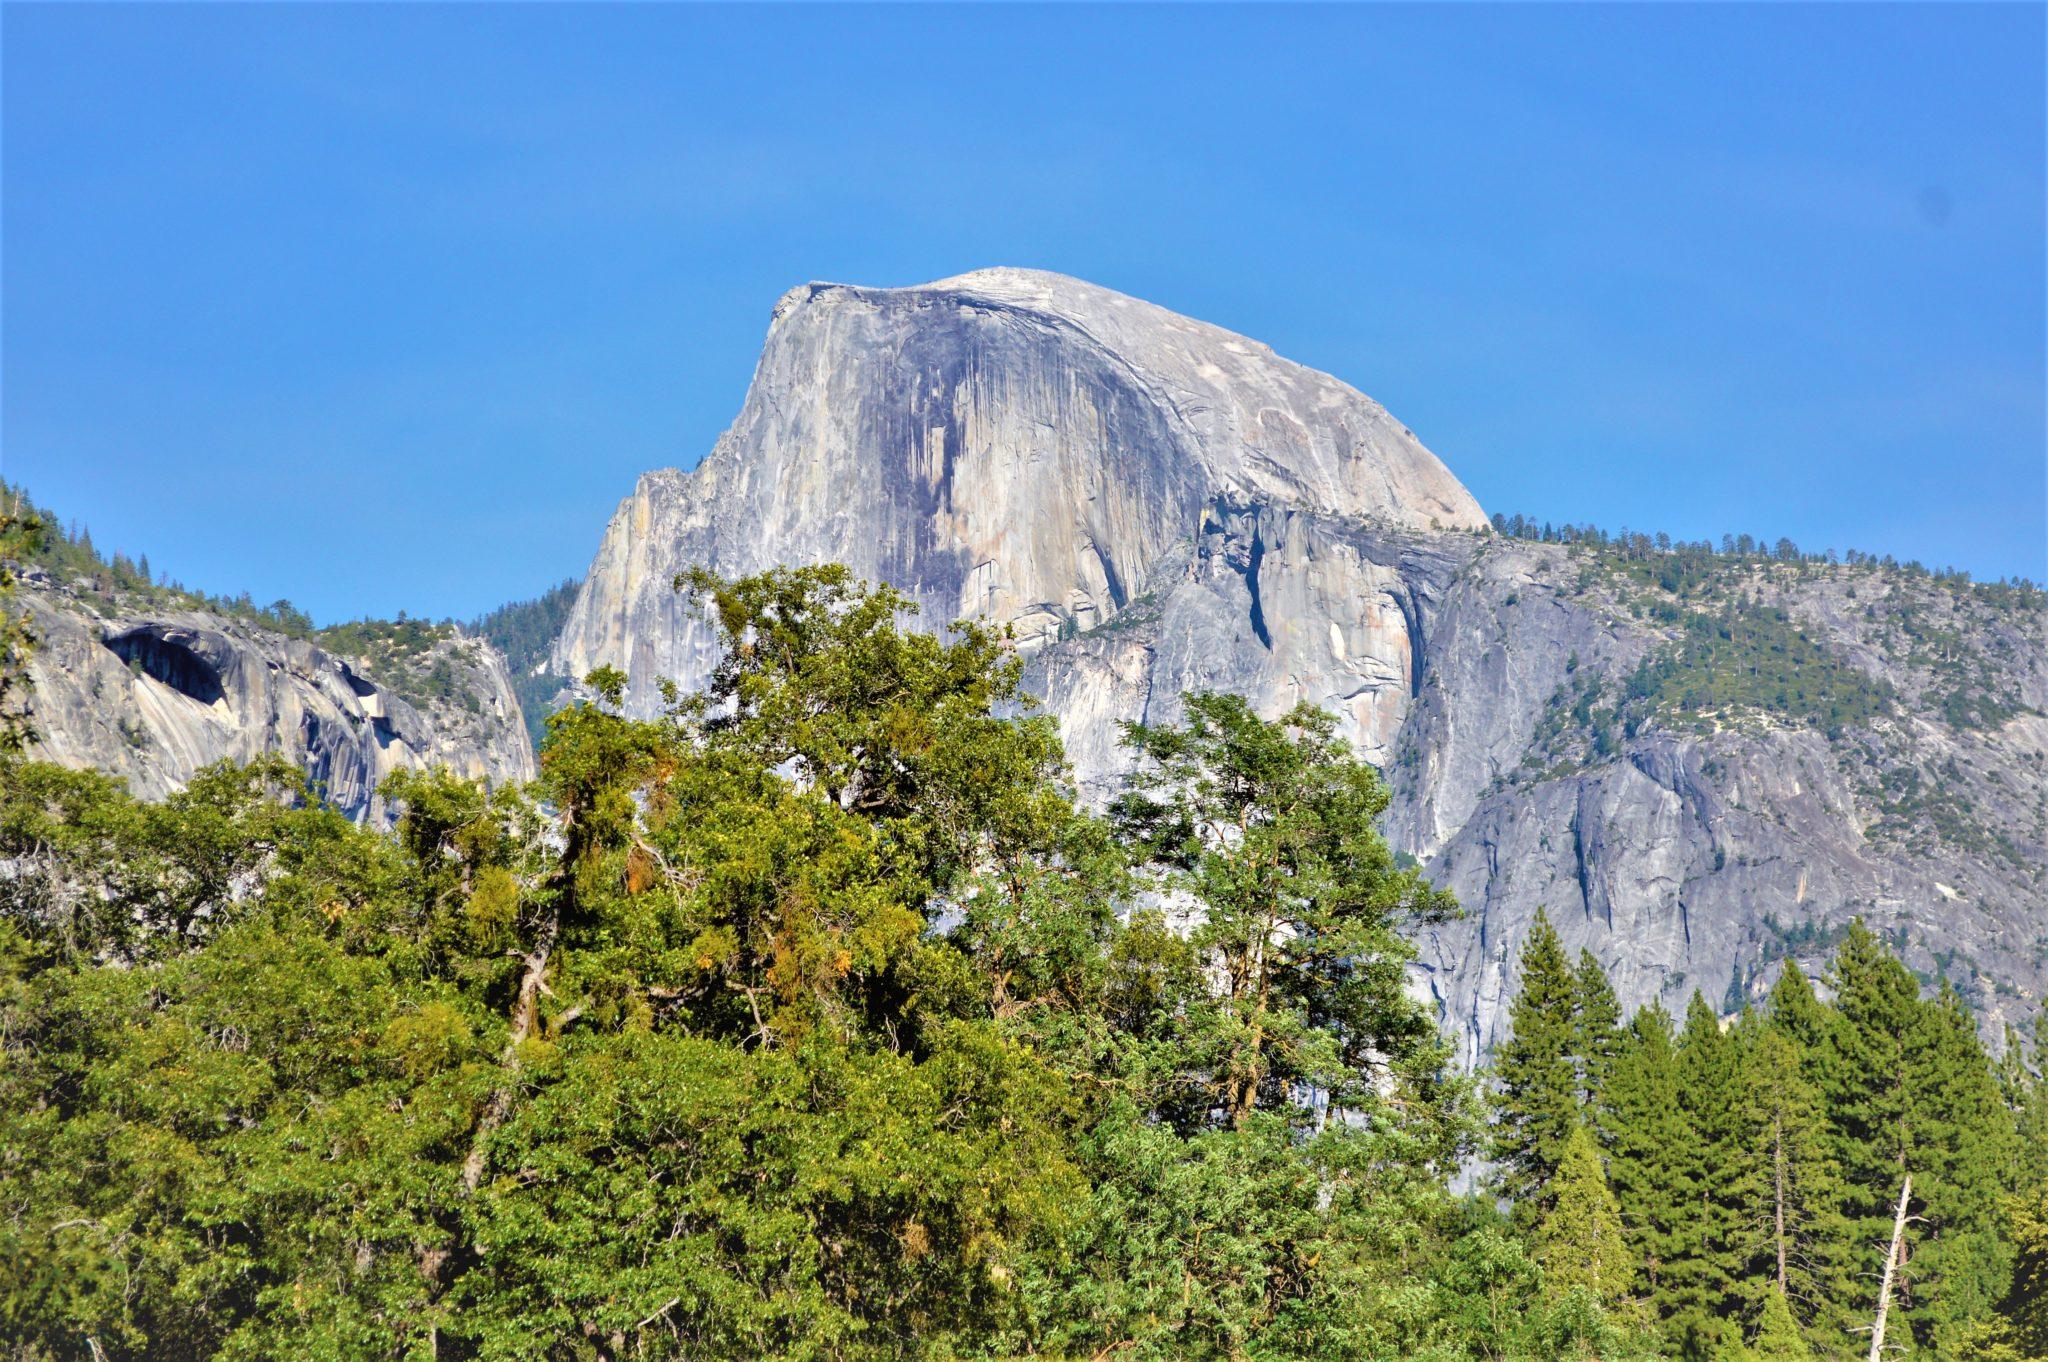 Half Dome, Yosemite National Park, California, USA, things to do at yosemite